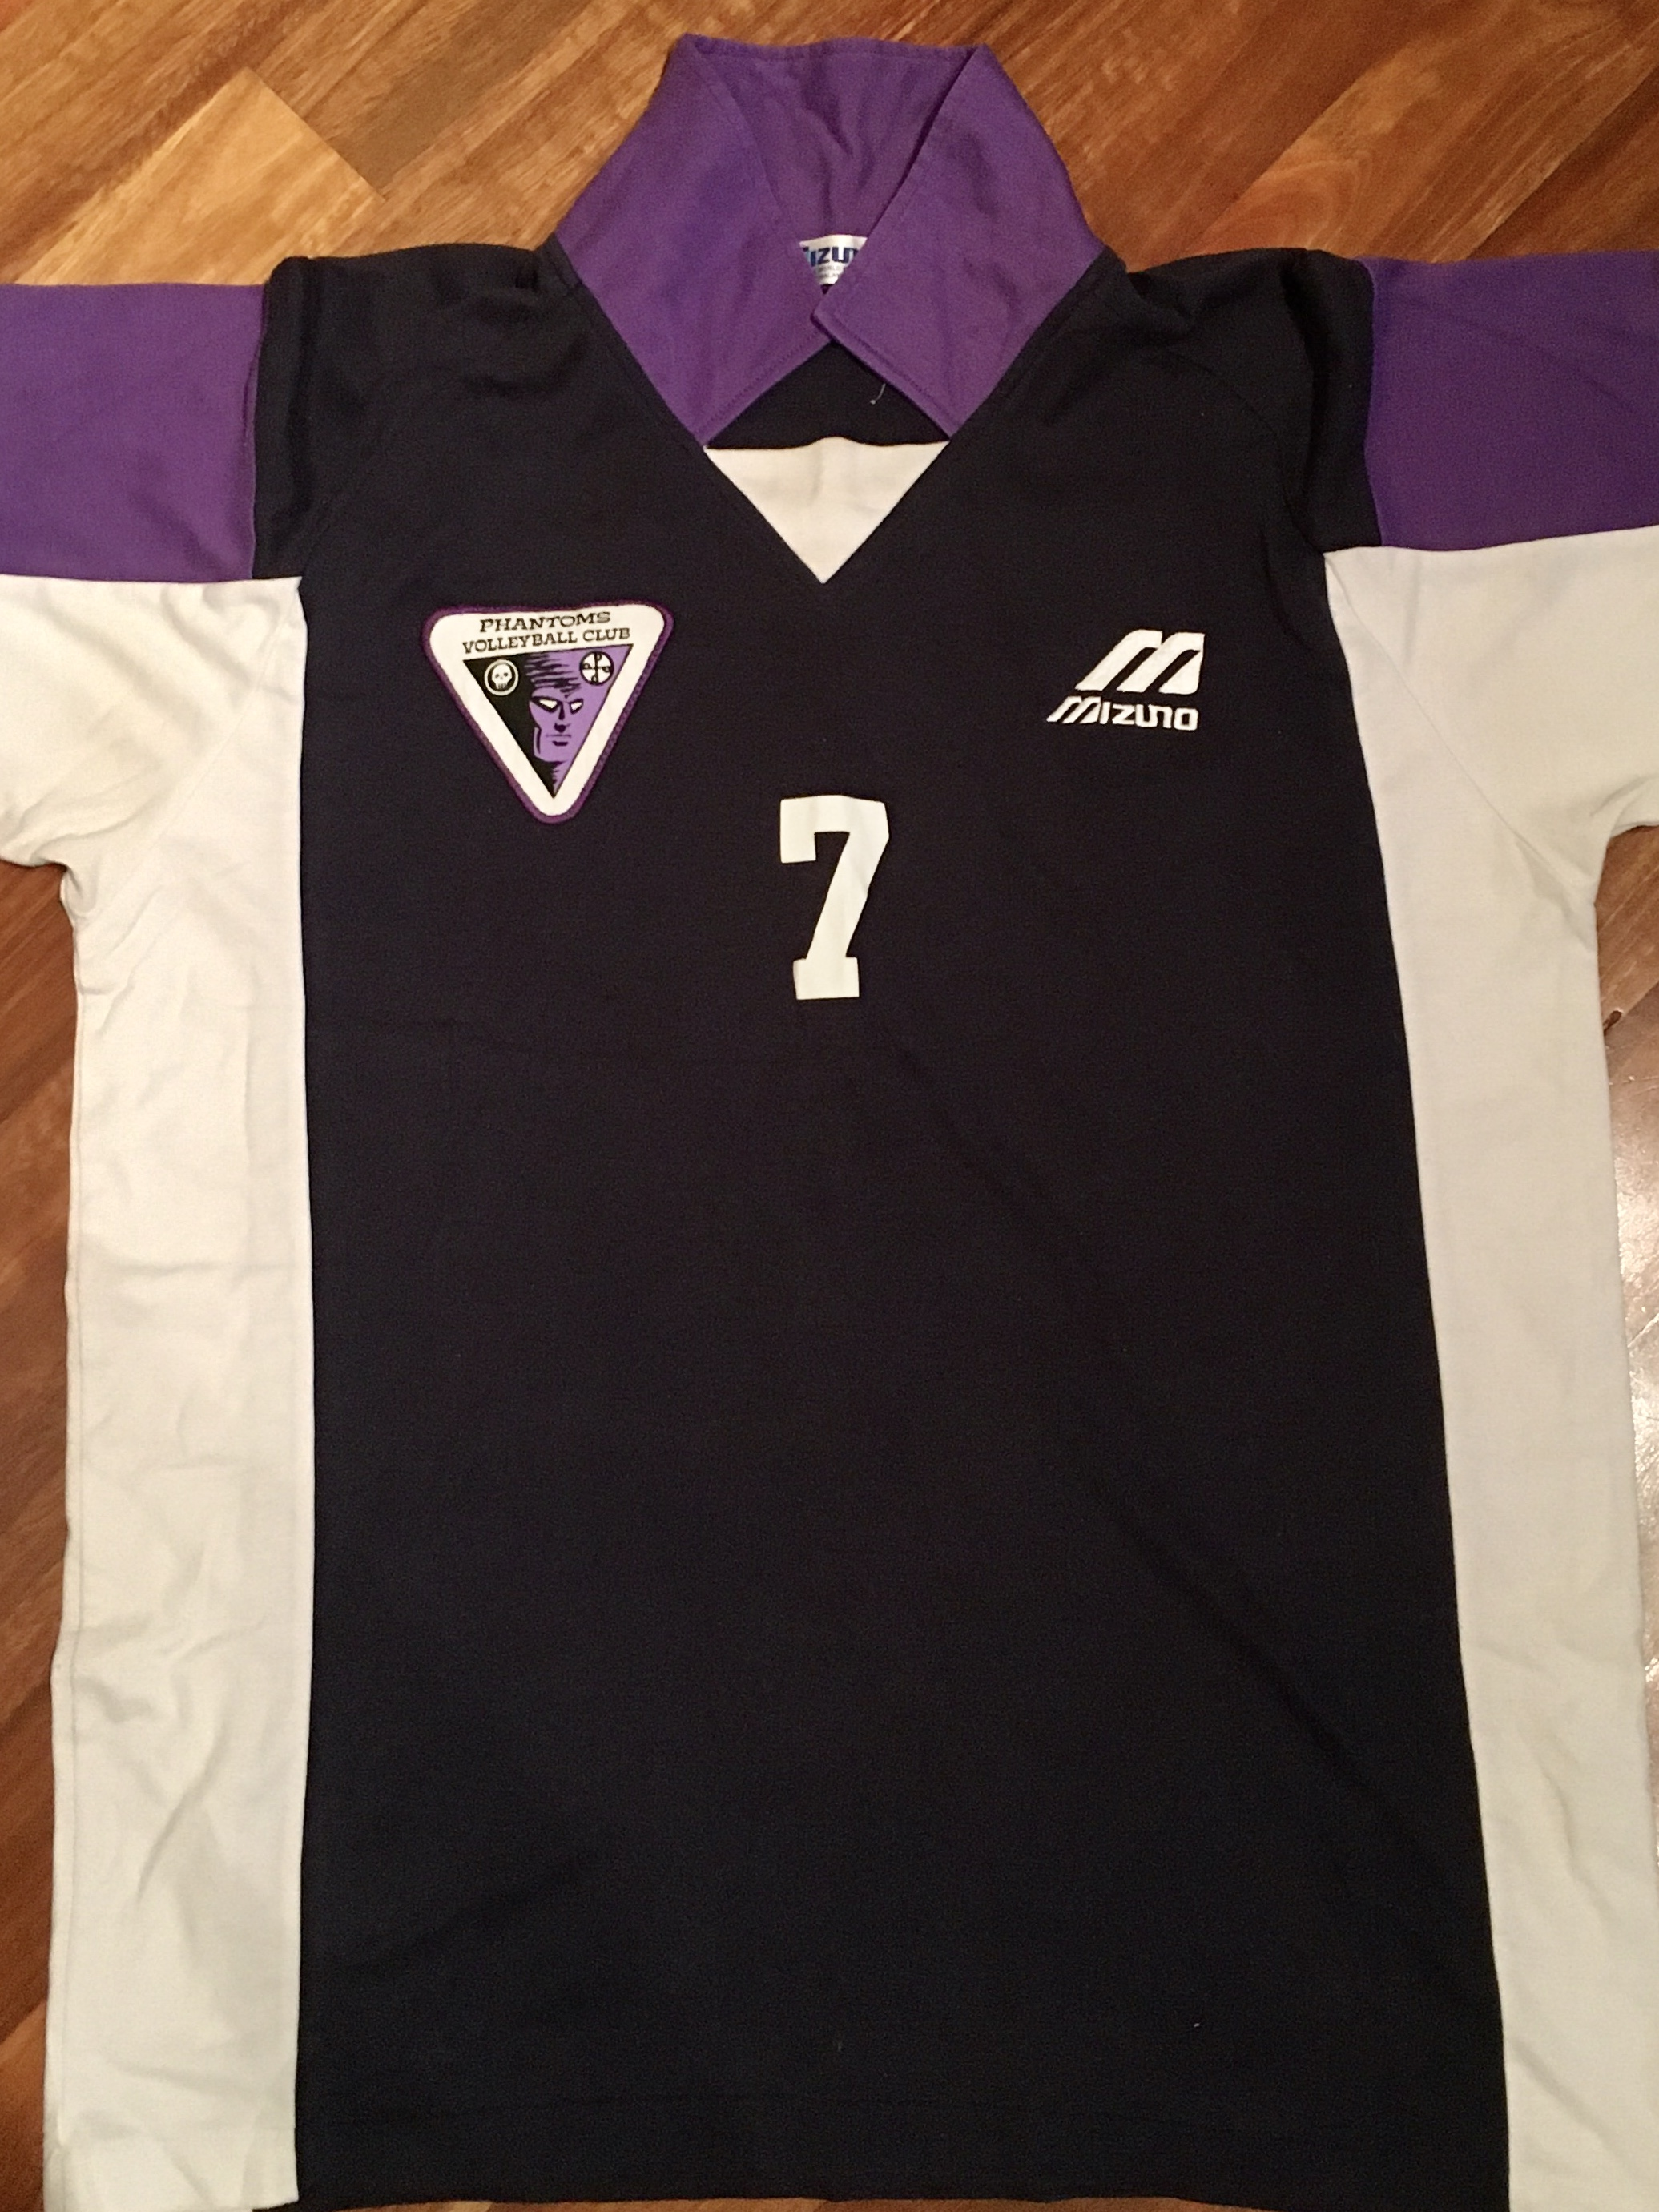 Phantoms playing top purple white